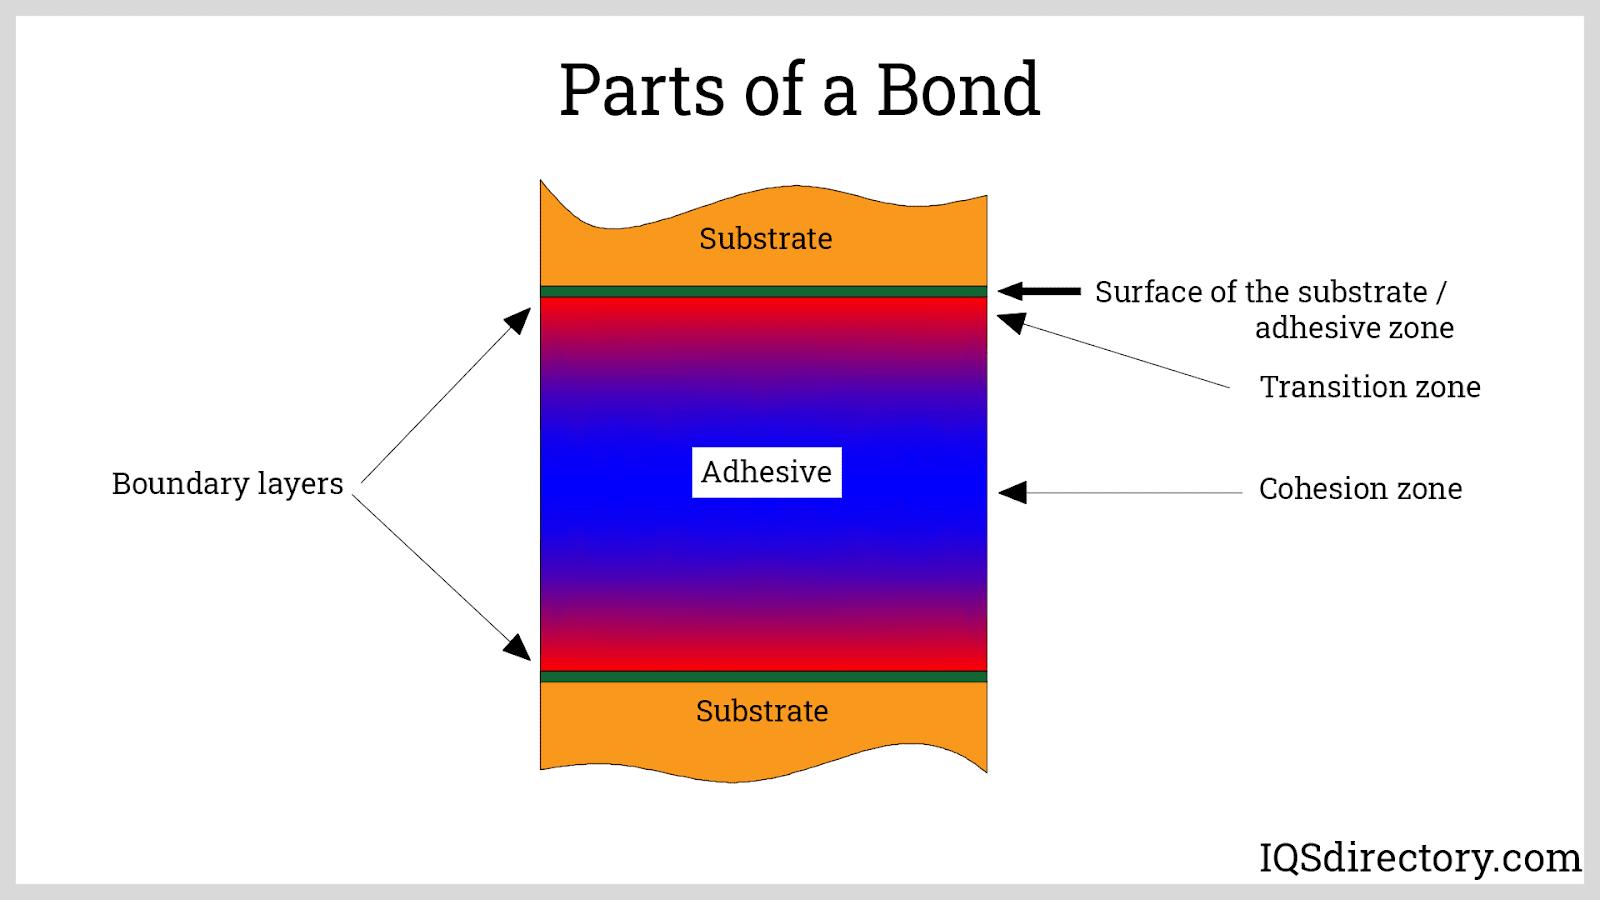 Parts of a Bond